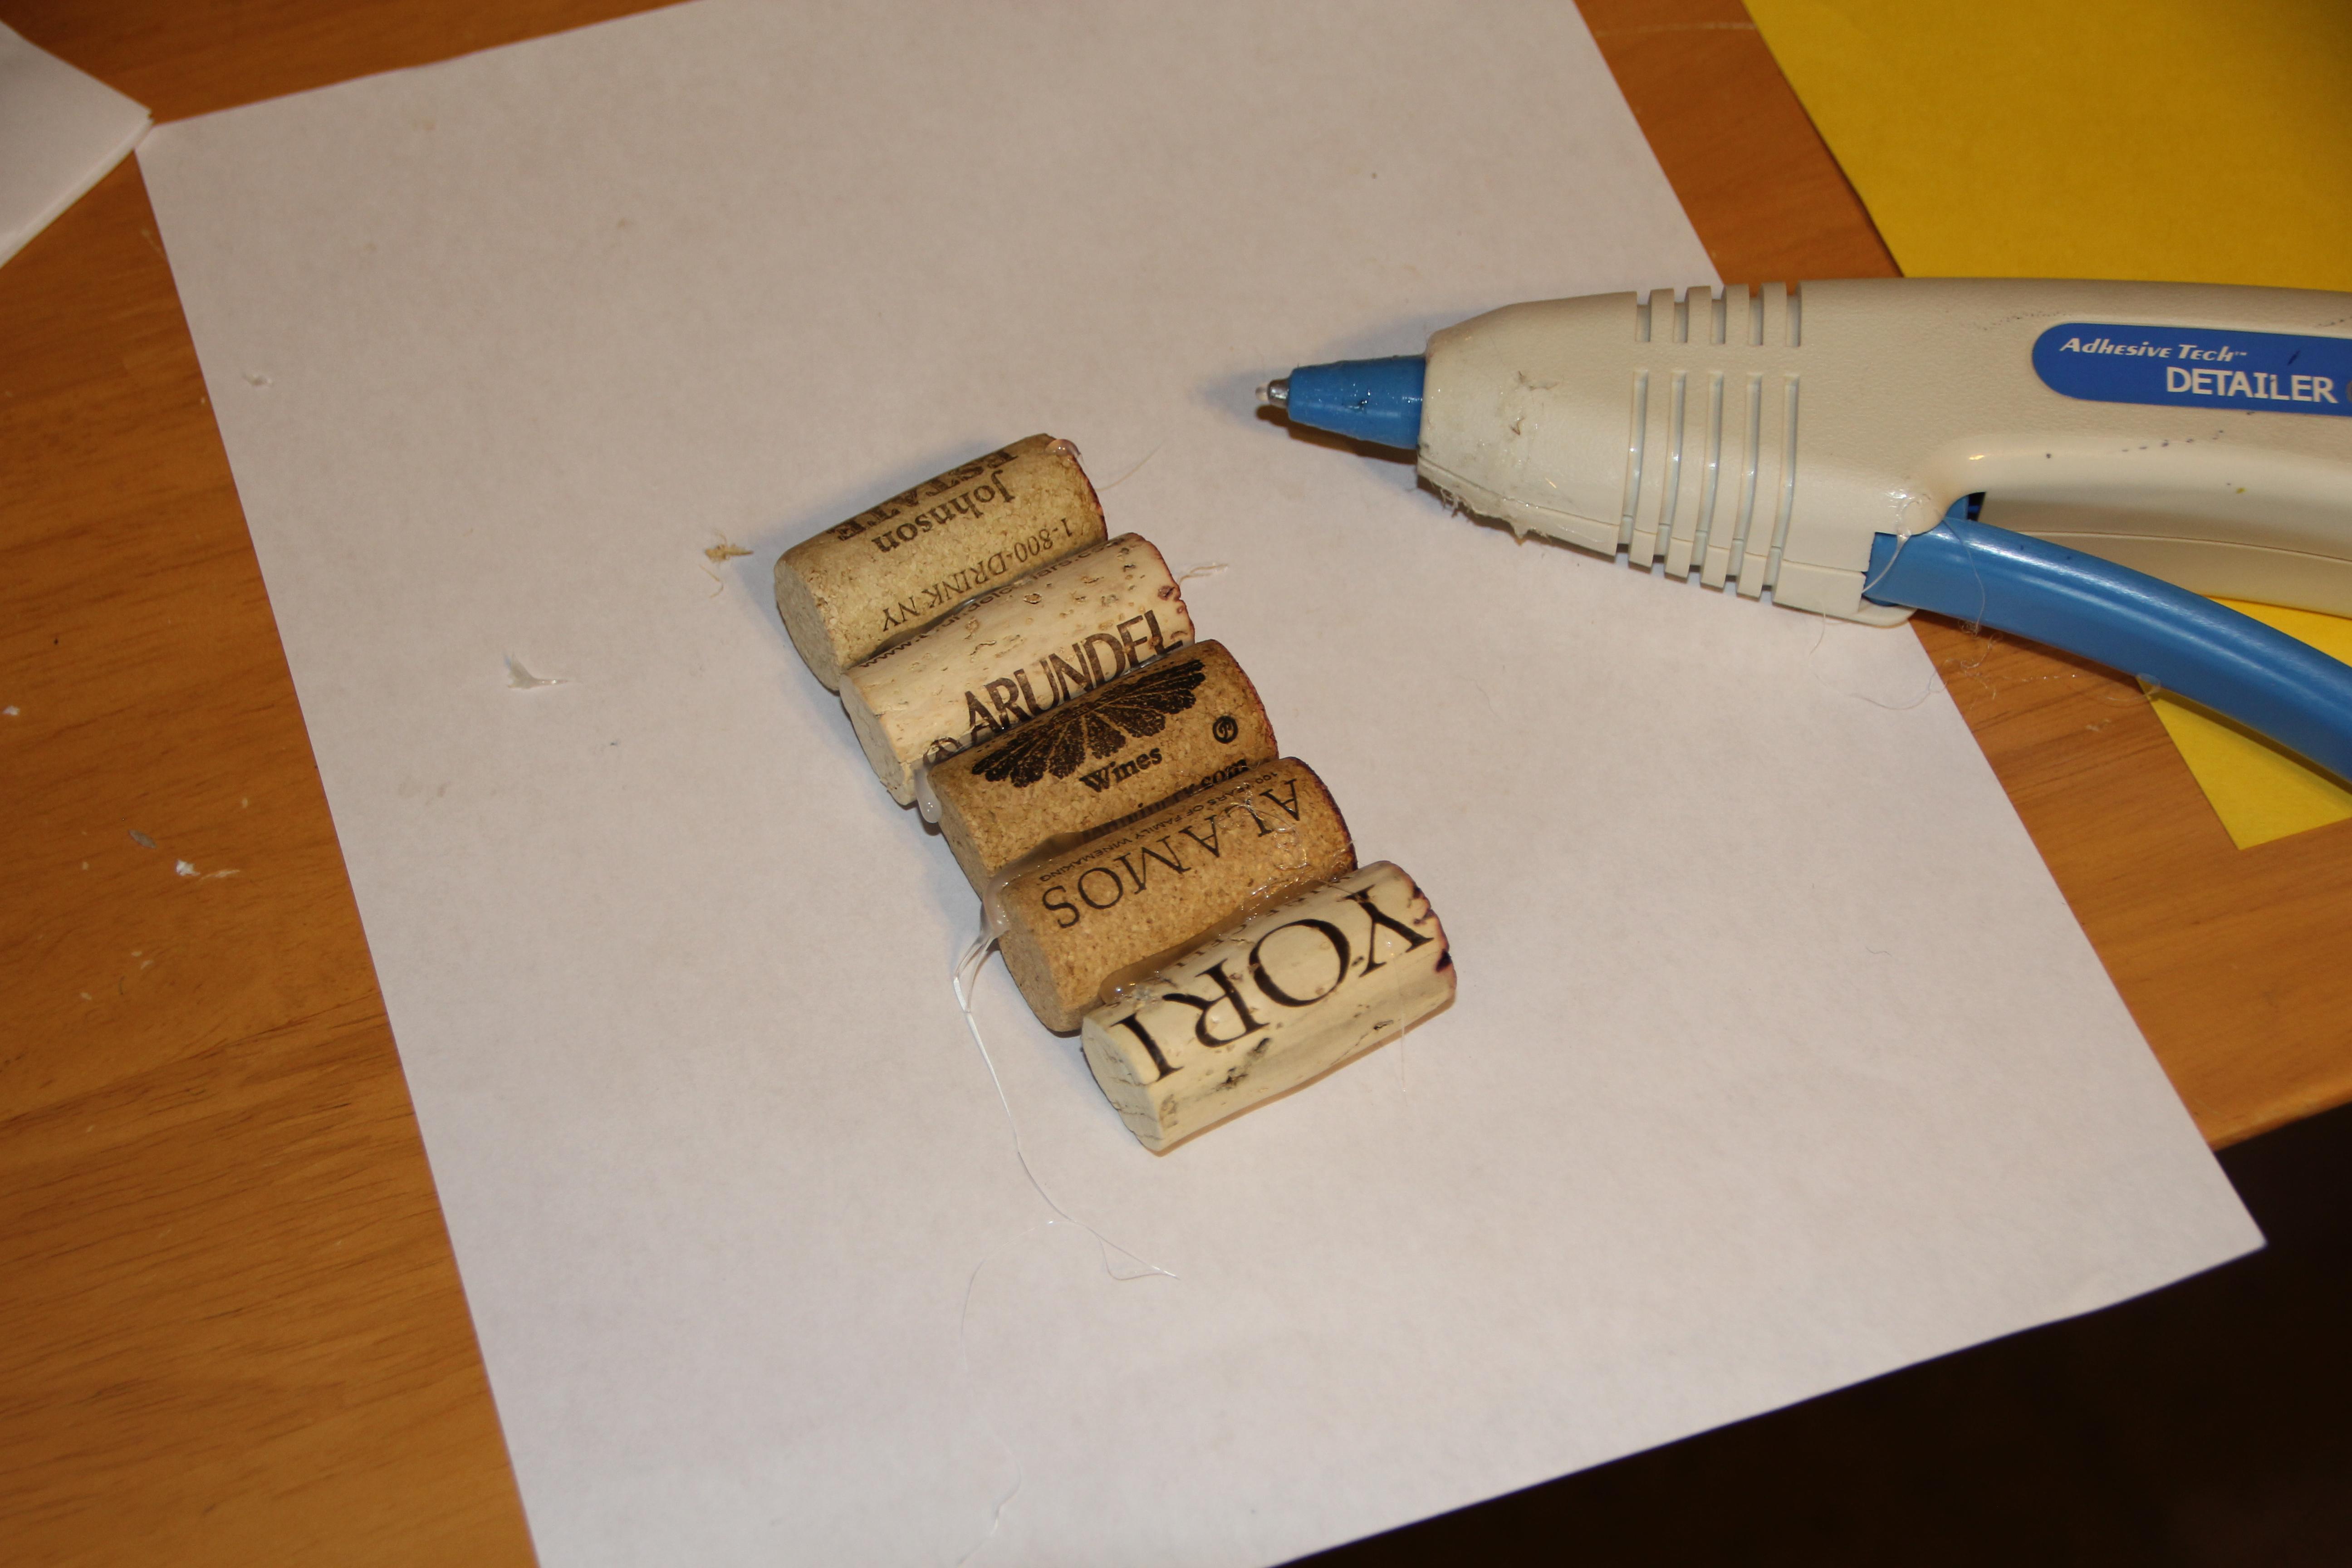 Glue corks together